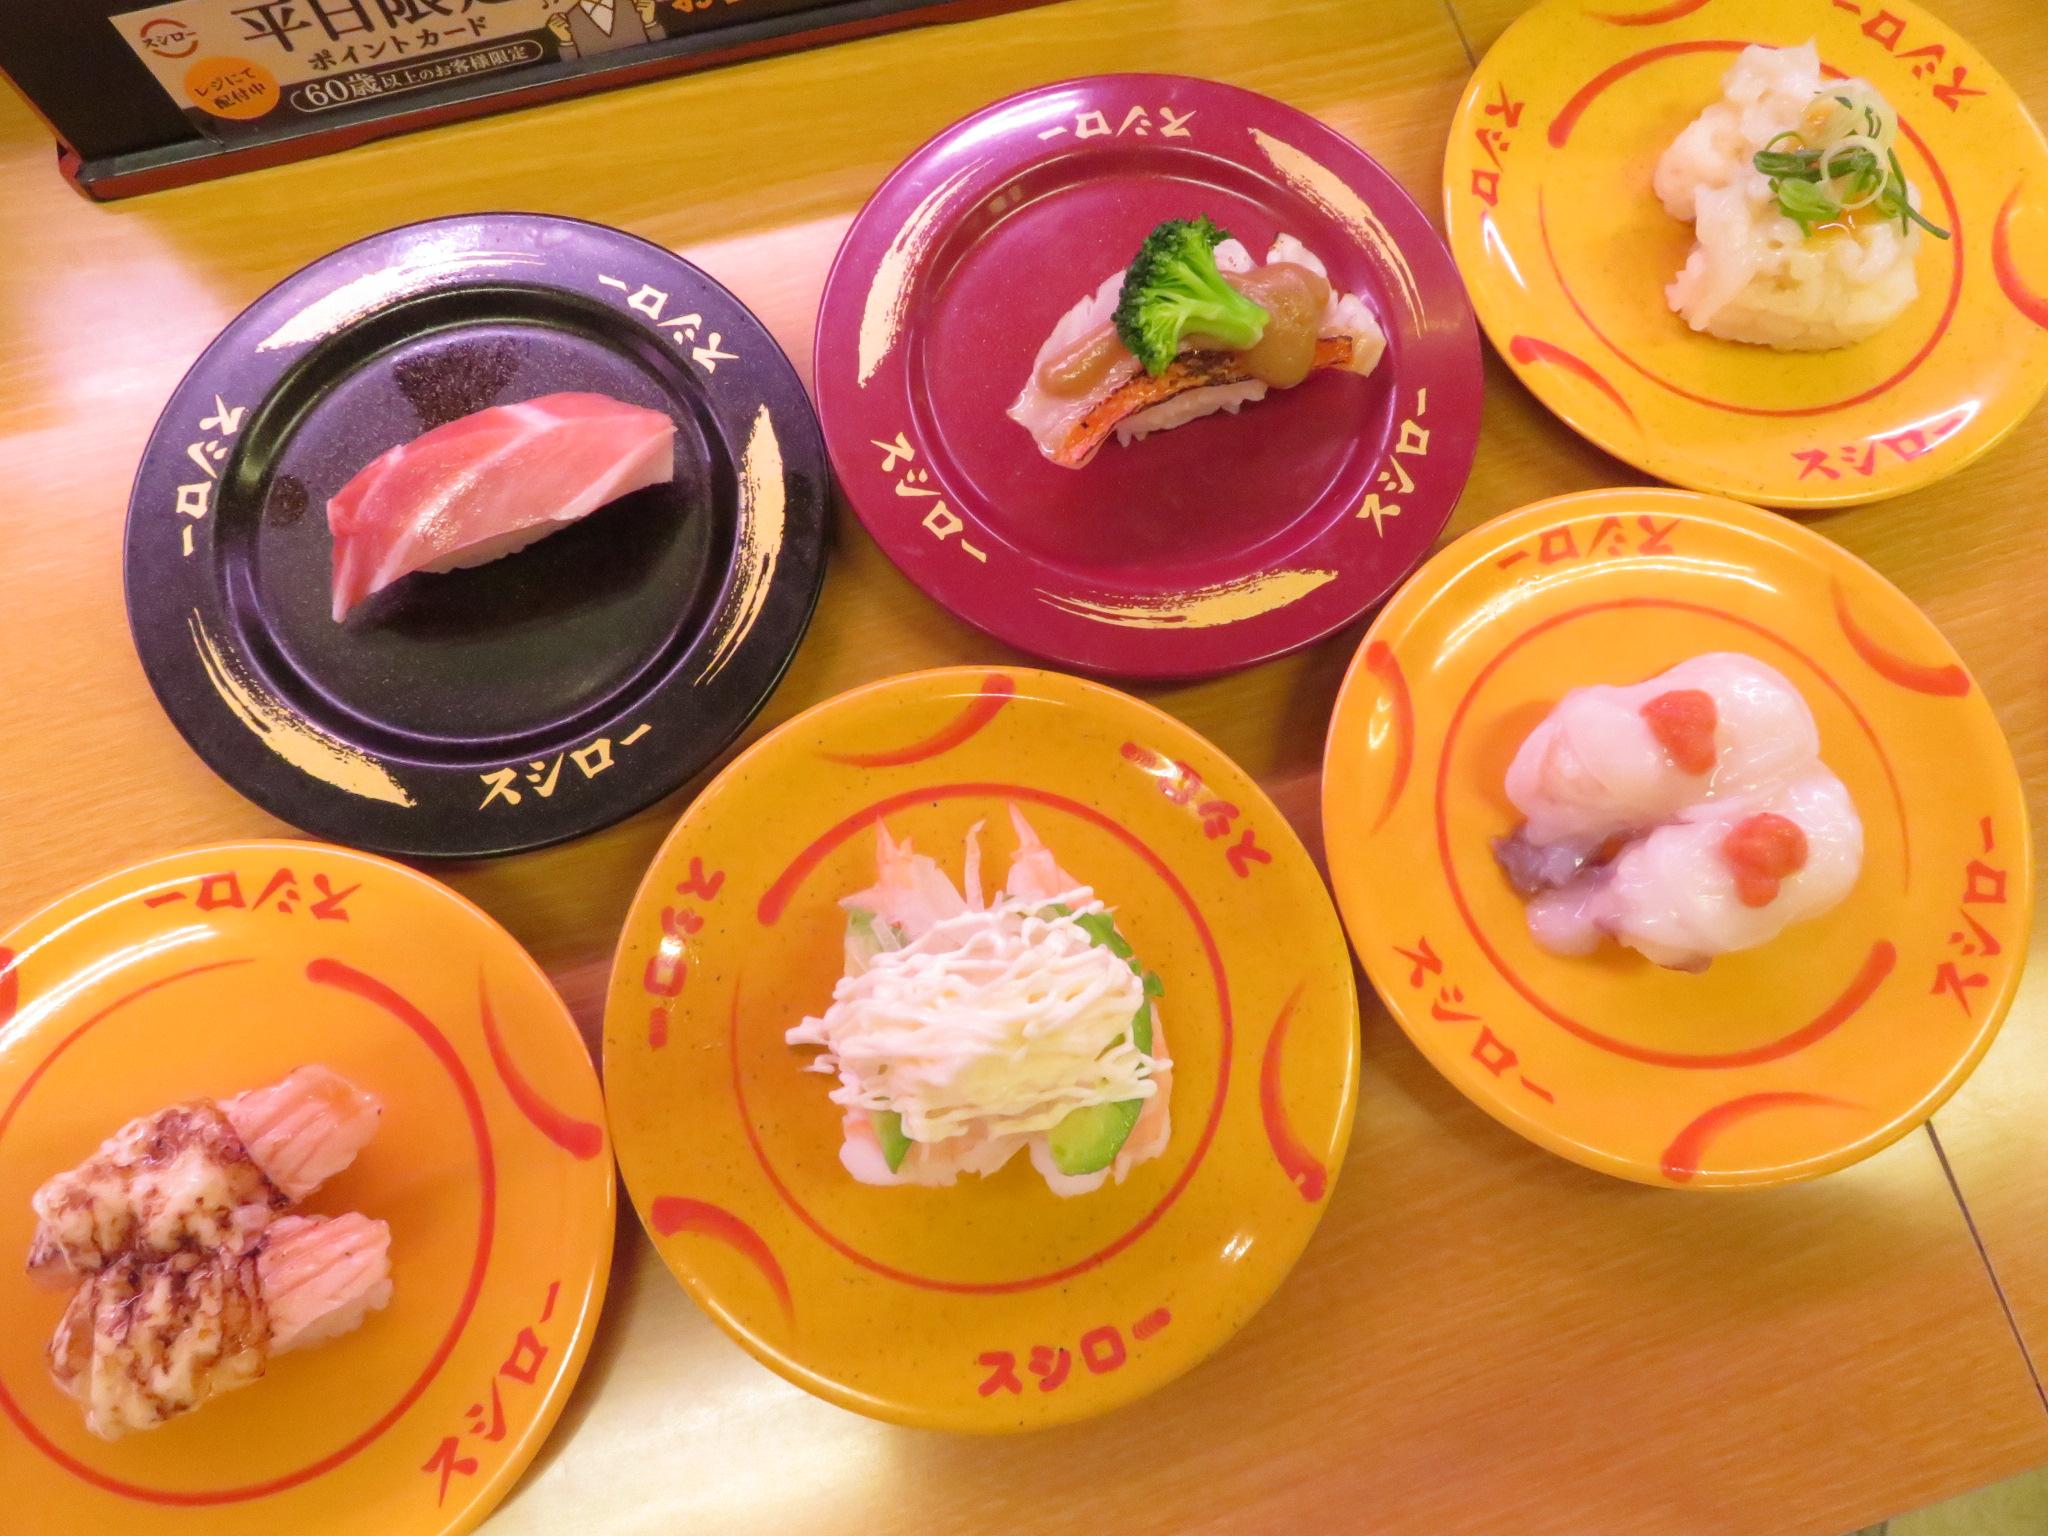 画像:スシロー 松山生石店